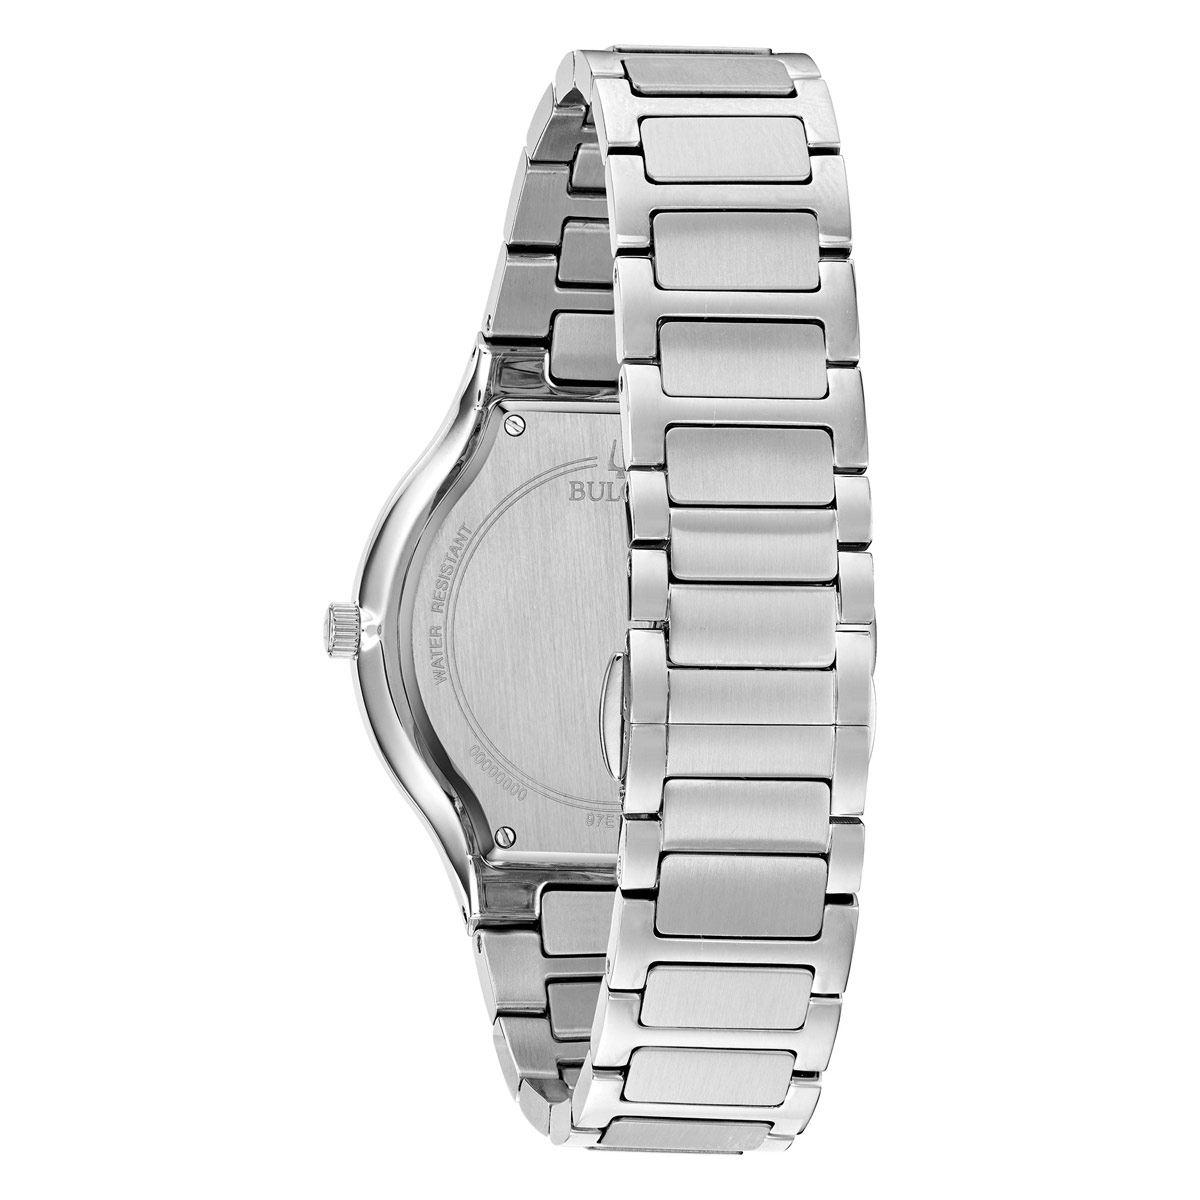 Reloj Bulova para Caballero 96E117